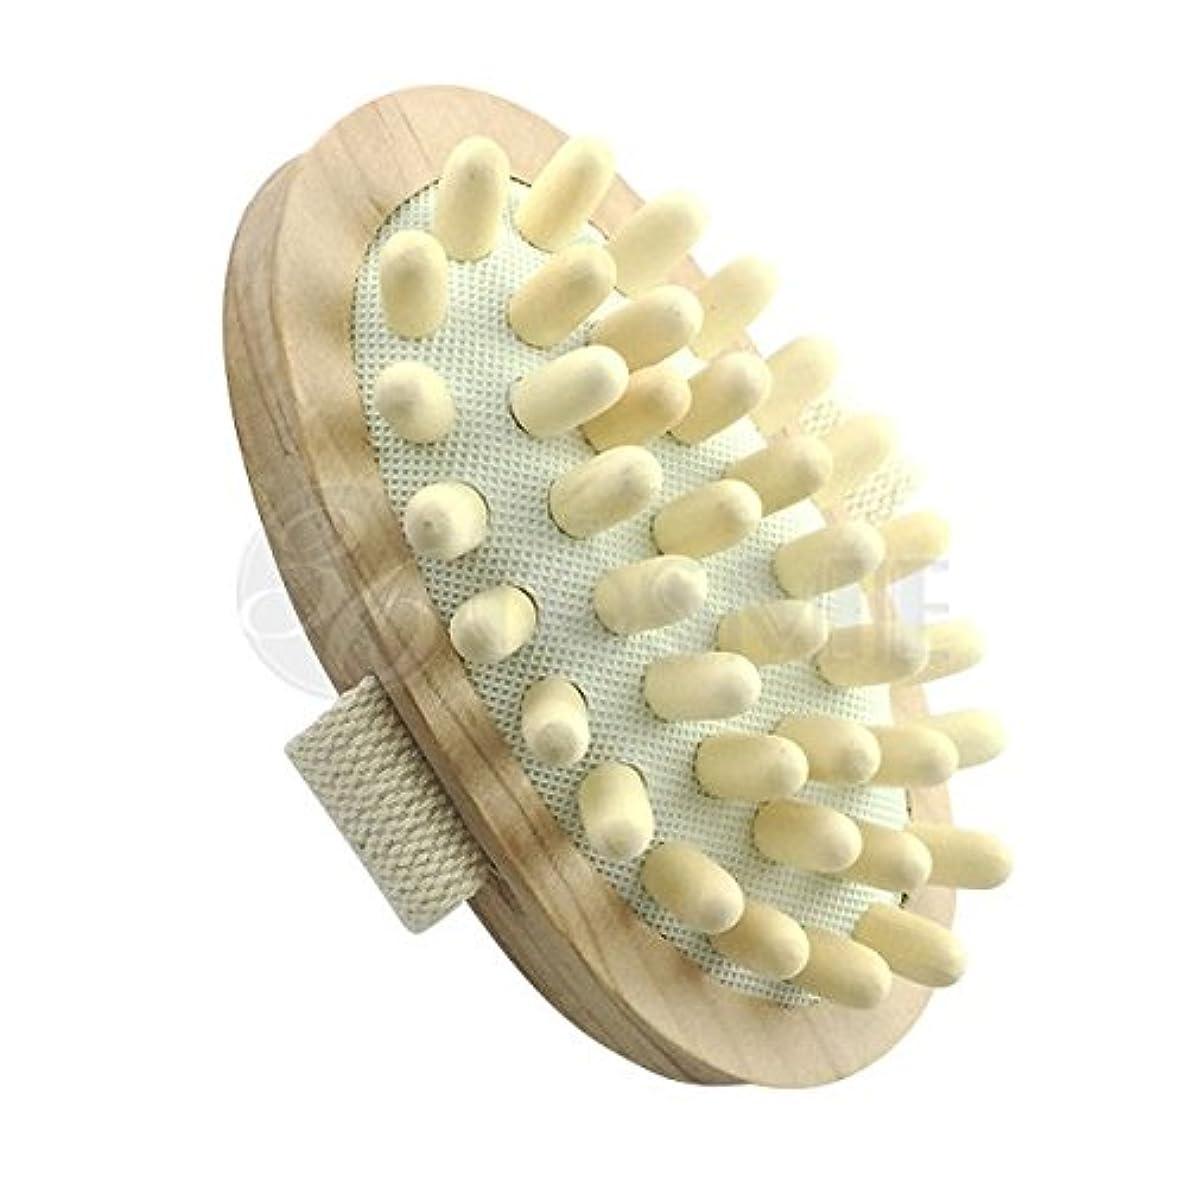 シンプルなコンプリートポジティブスリミングウッドブラシ(木製)セルライト対策に ボディマッサージ専用ブラシ